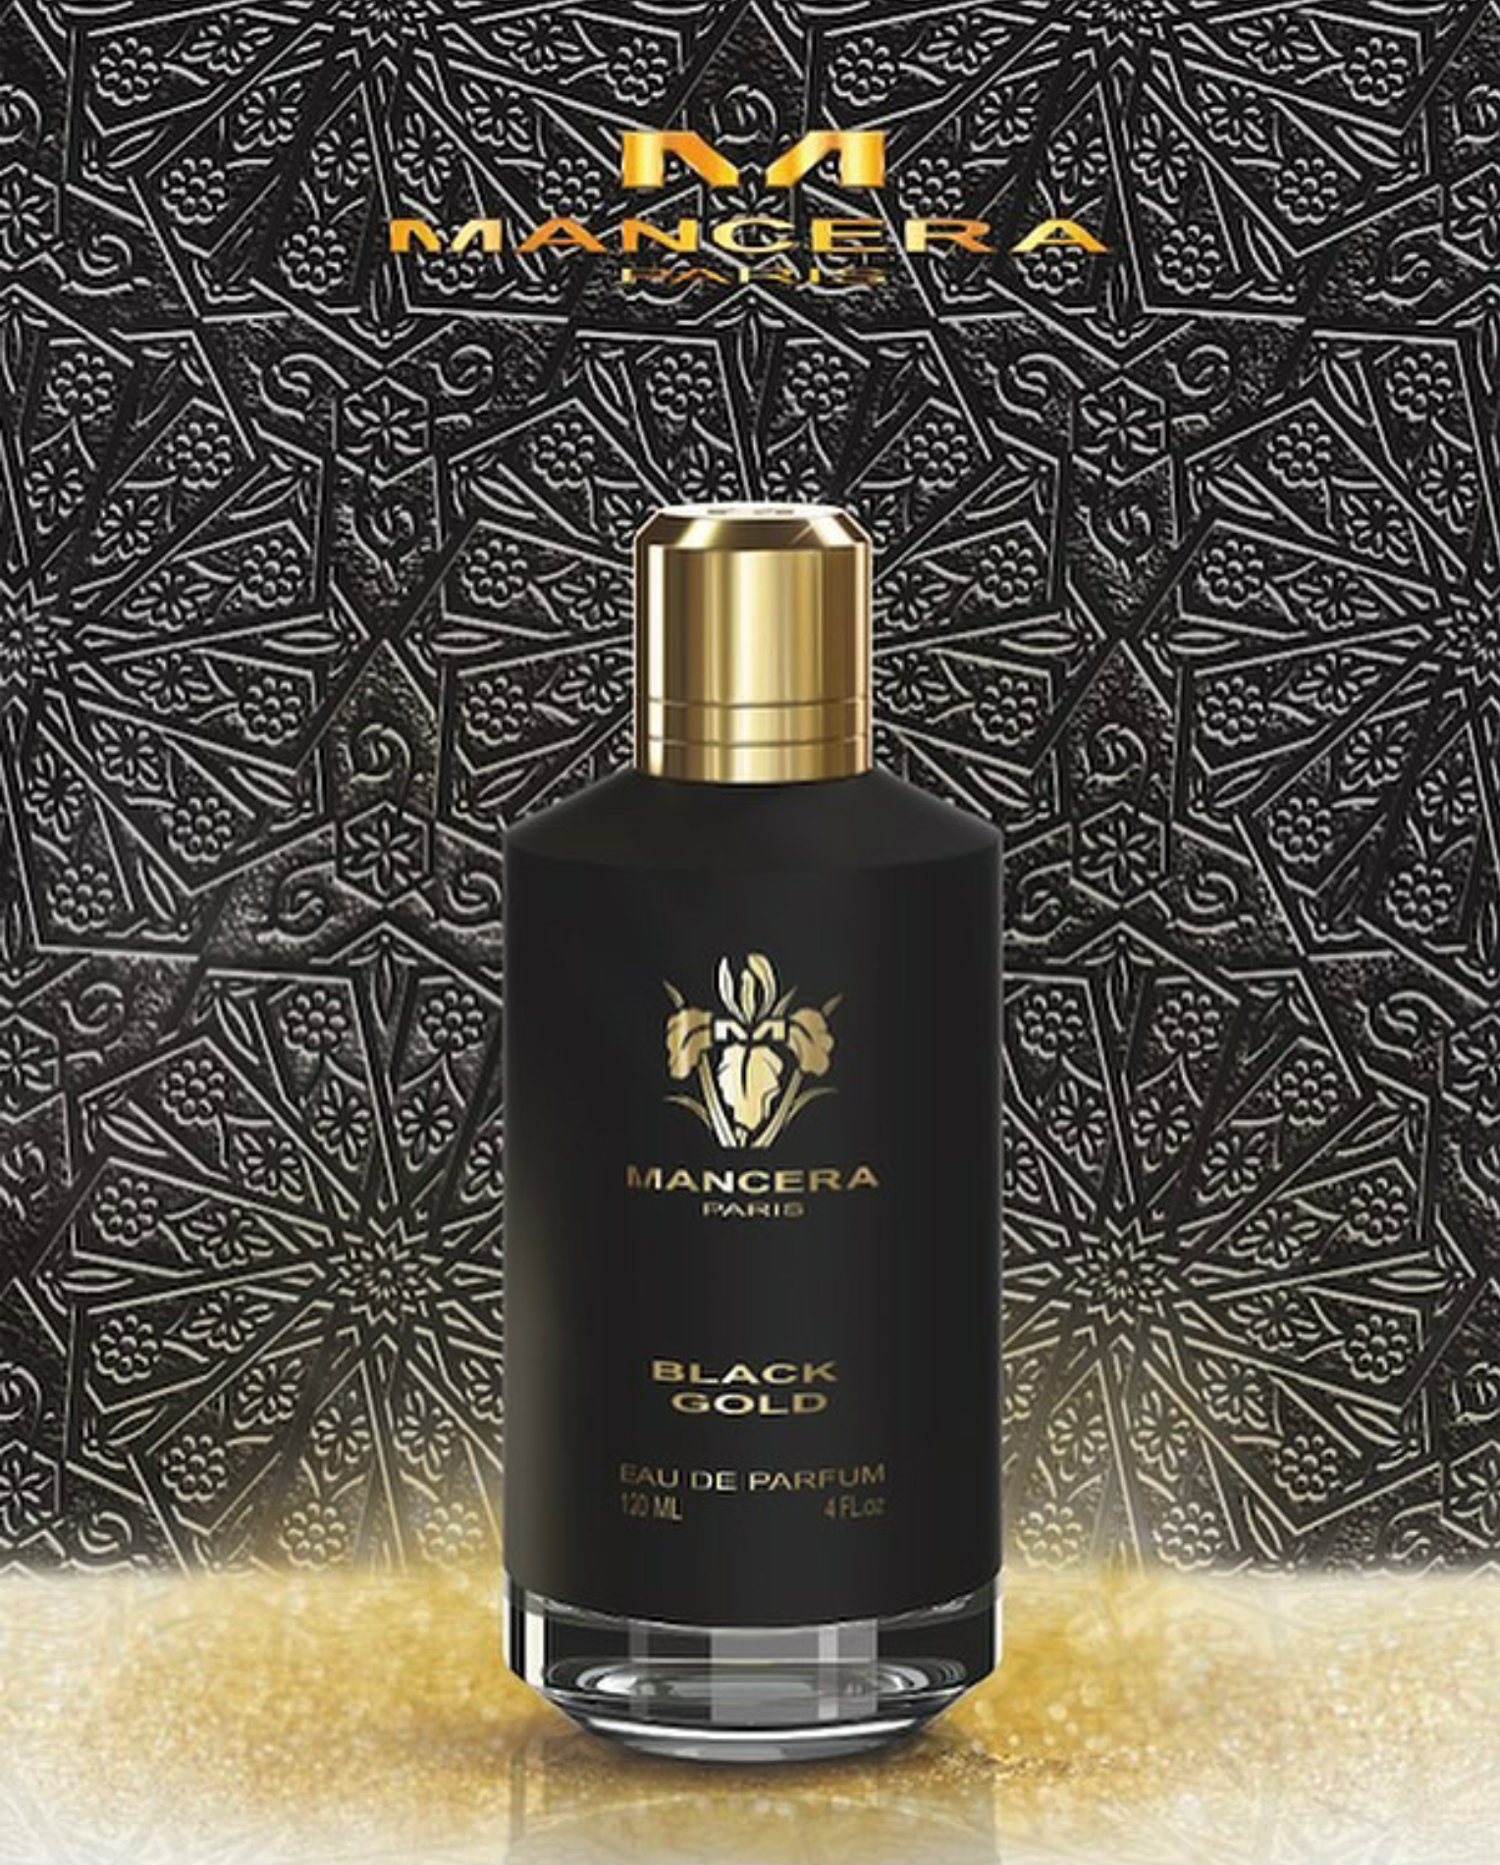 Black Gold Mancera cologne - a new fragrance for men 2017